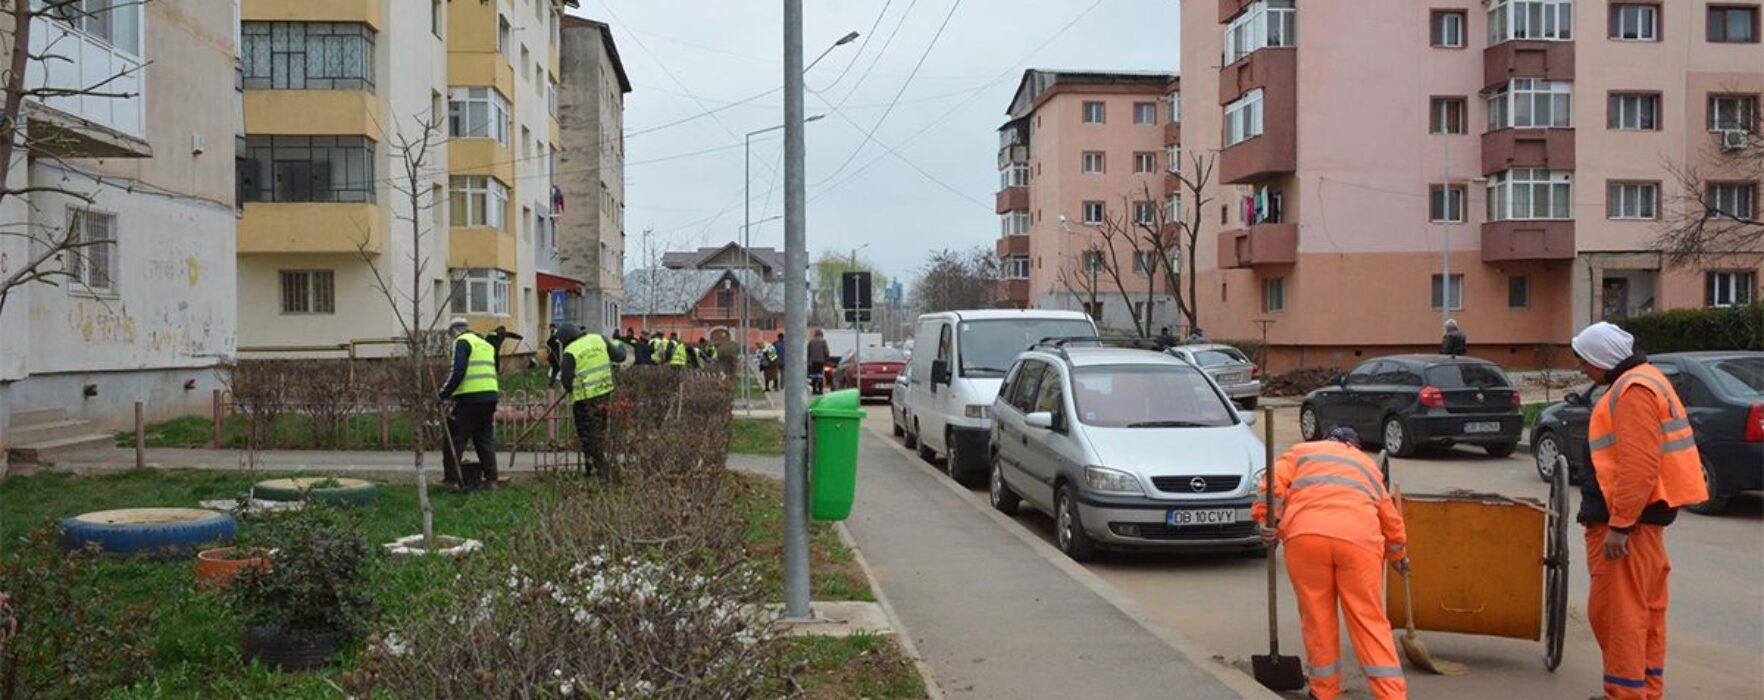 Primăria Târgovişte: Începe luna curăţeniei în municipiu